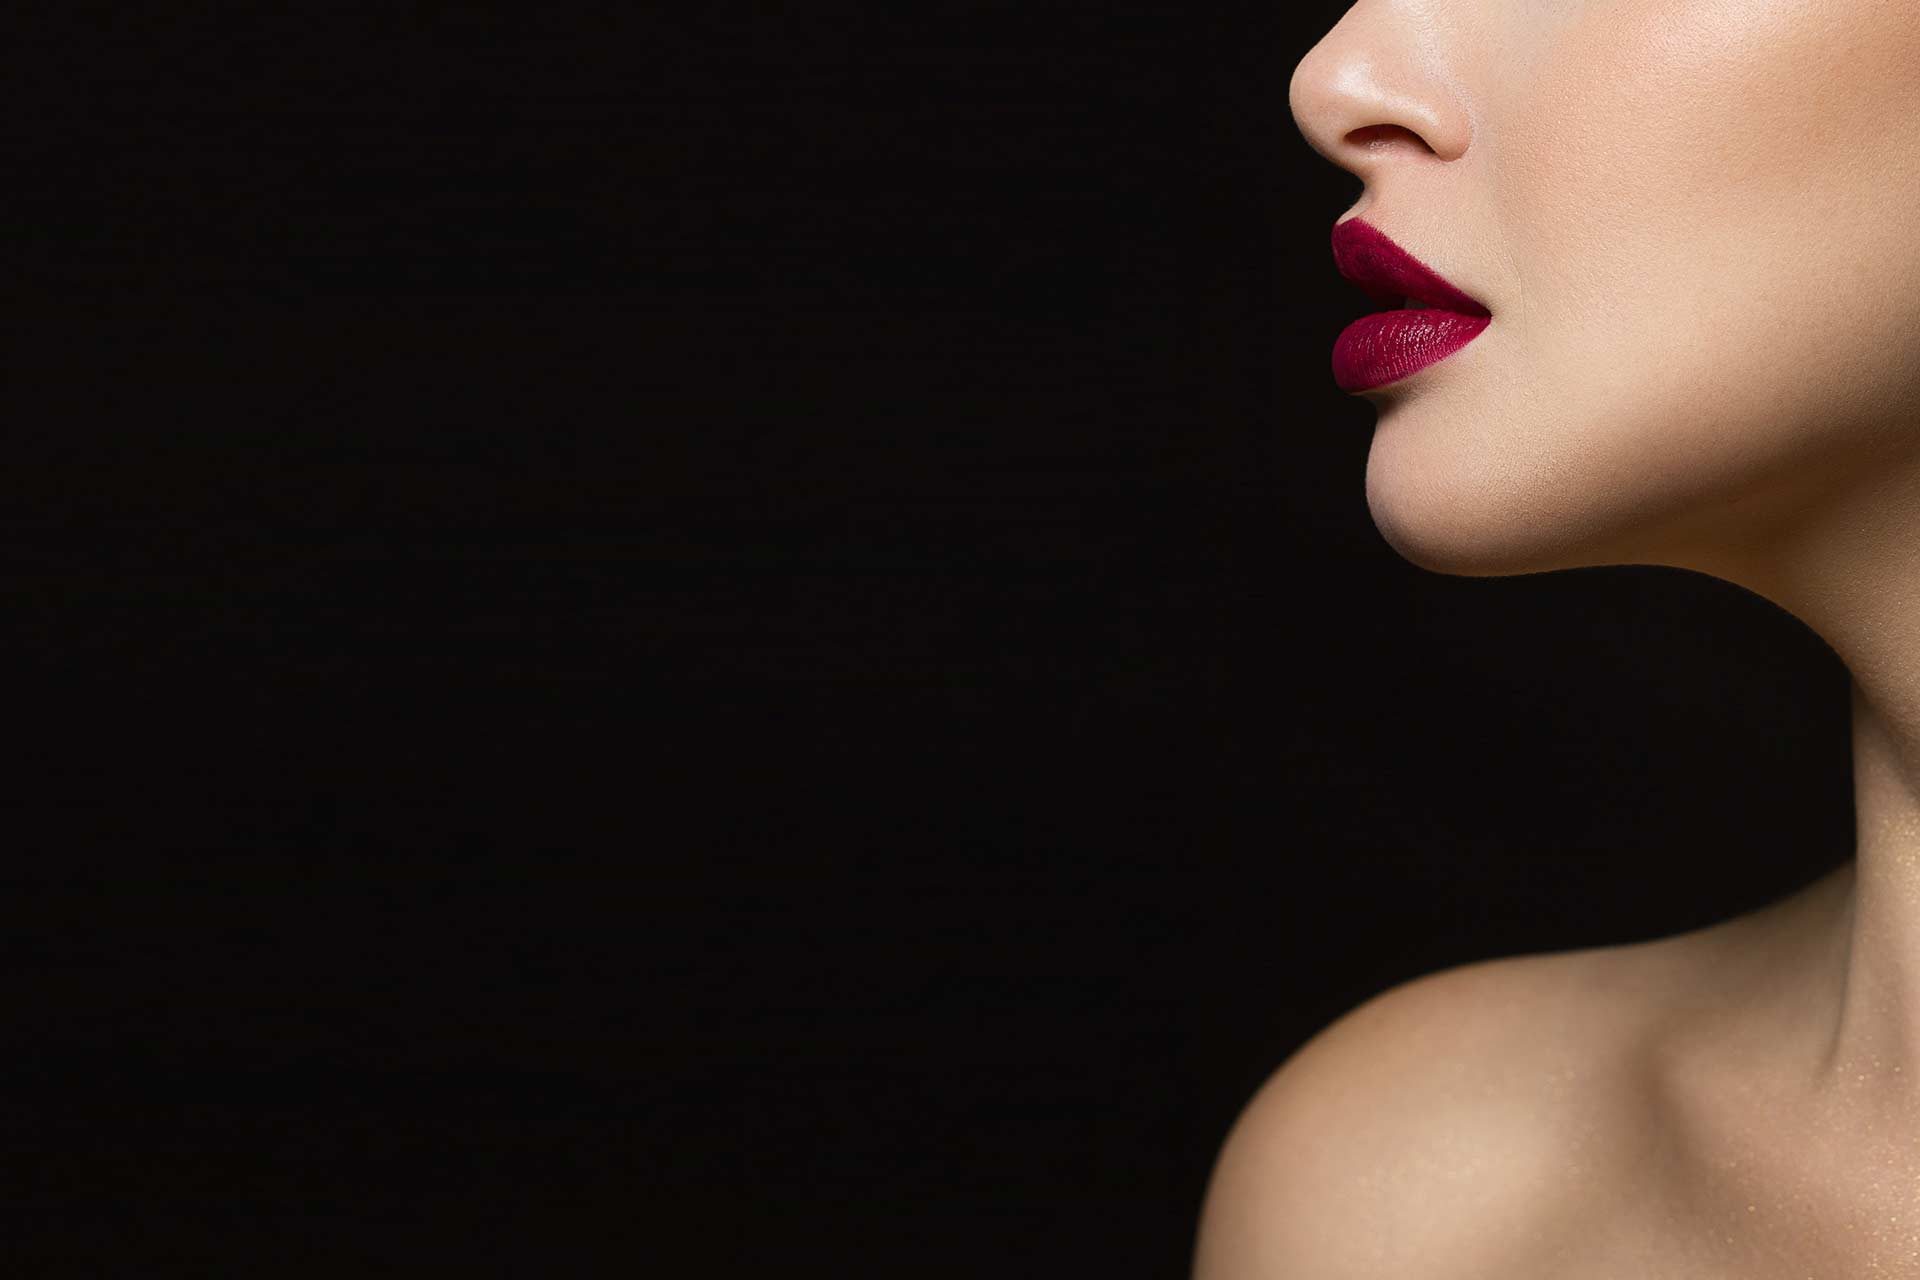 lipoumento de labios i lip lift i bolas bichat i liposuccion papada i lipofiling facial i rellenos acido hialuronico i hilos tensores Hilos Tensores